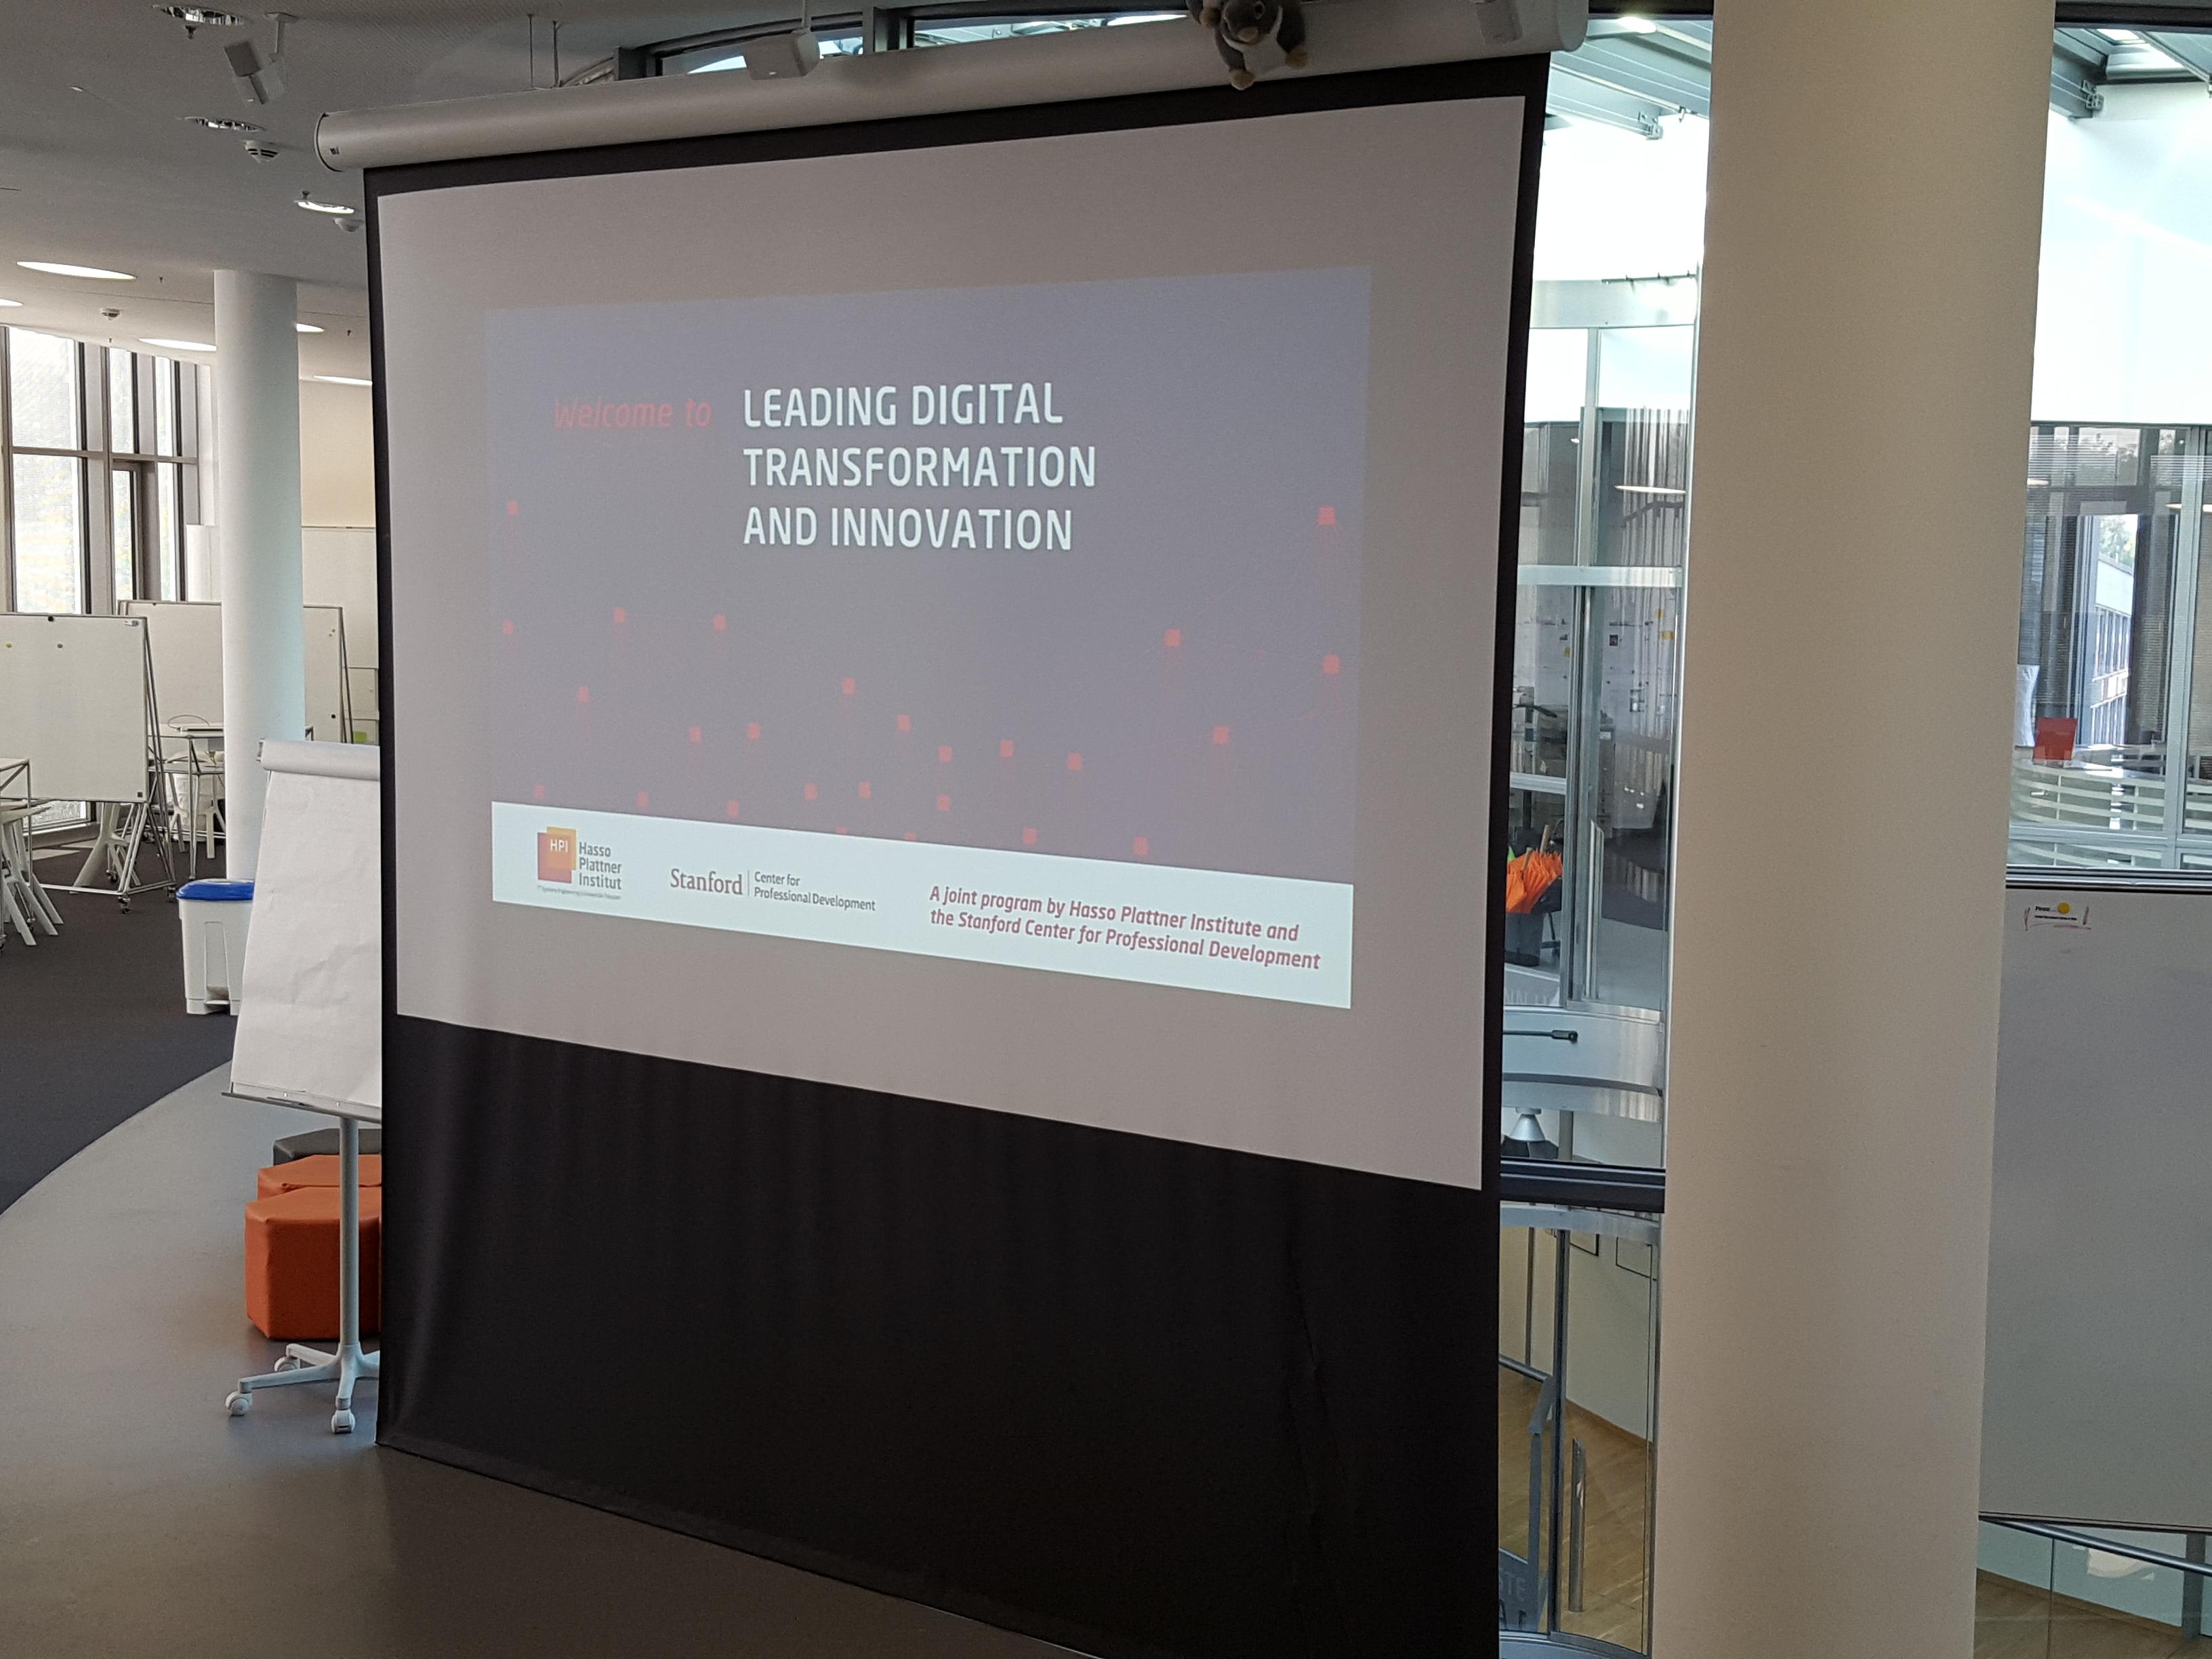 Digital Transformation and Innovation Program at HPI